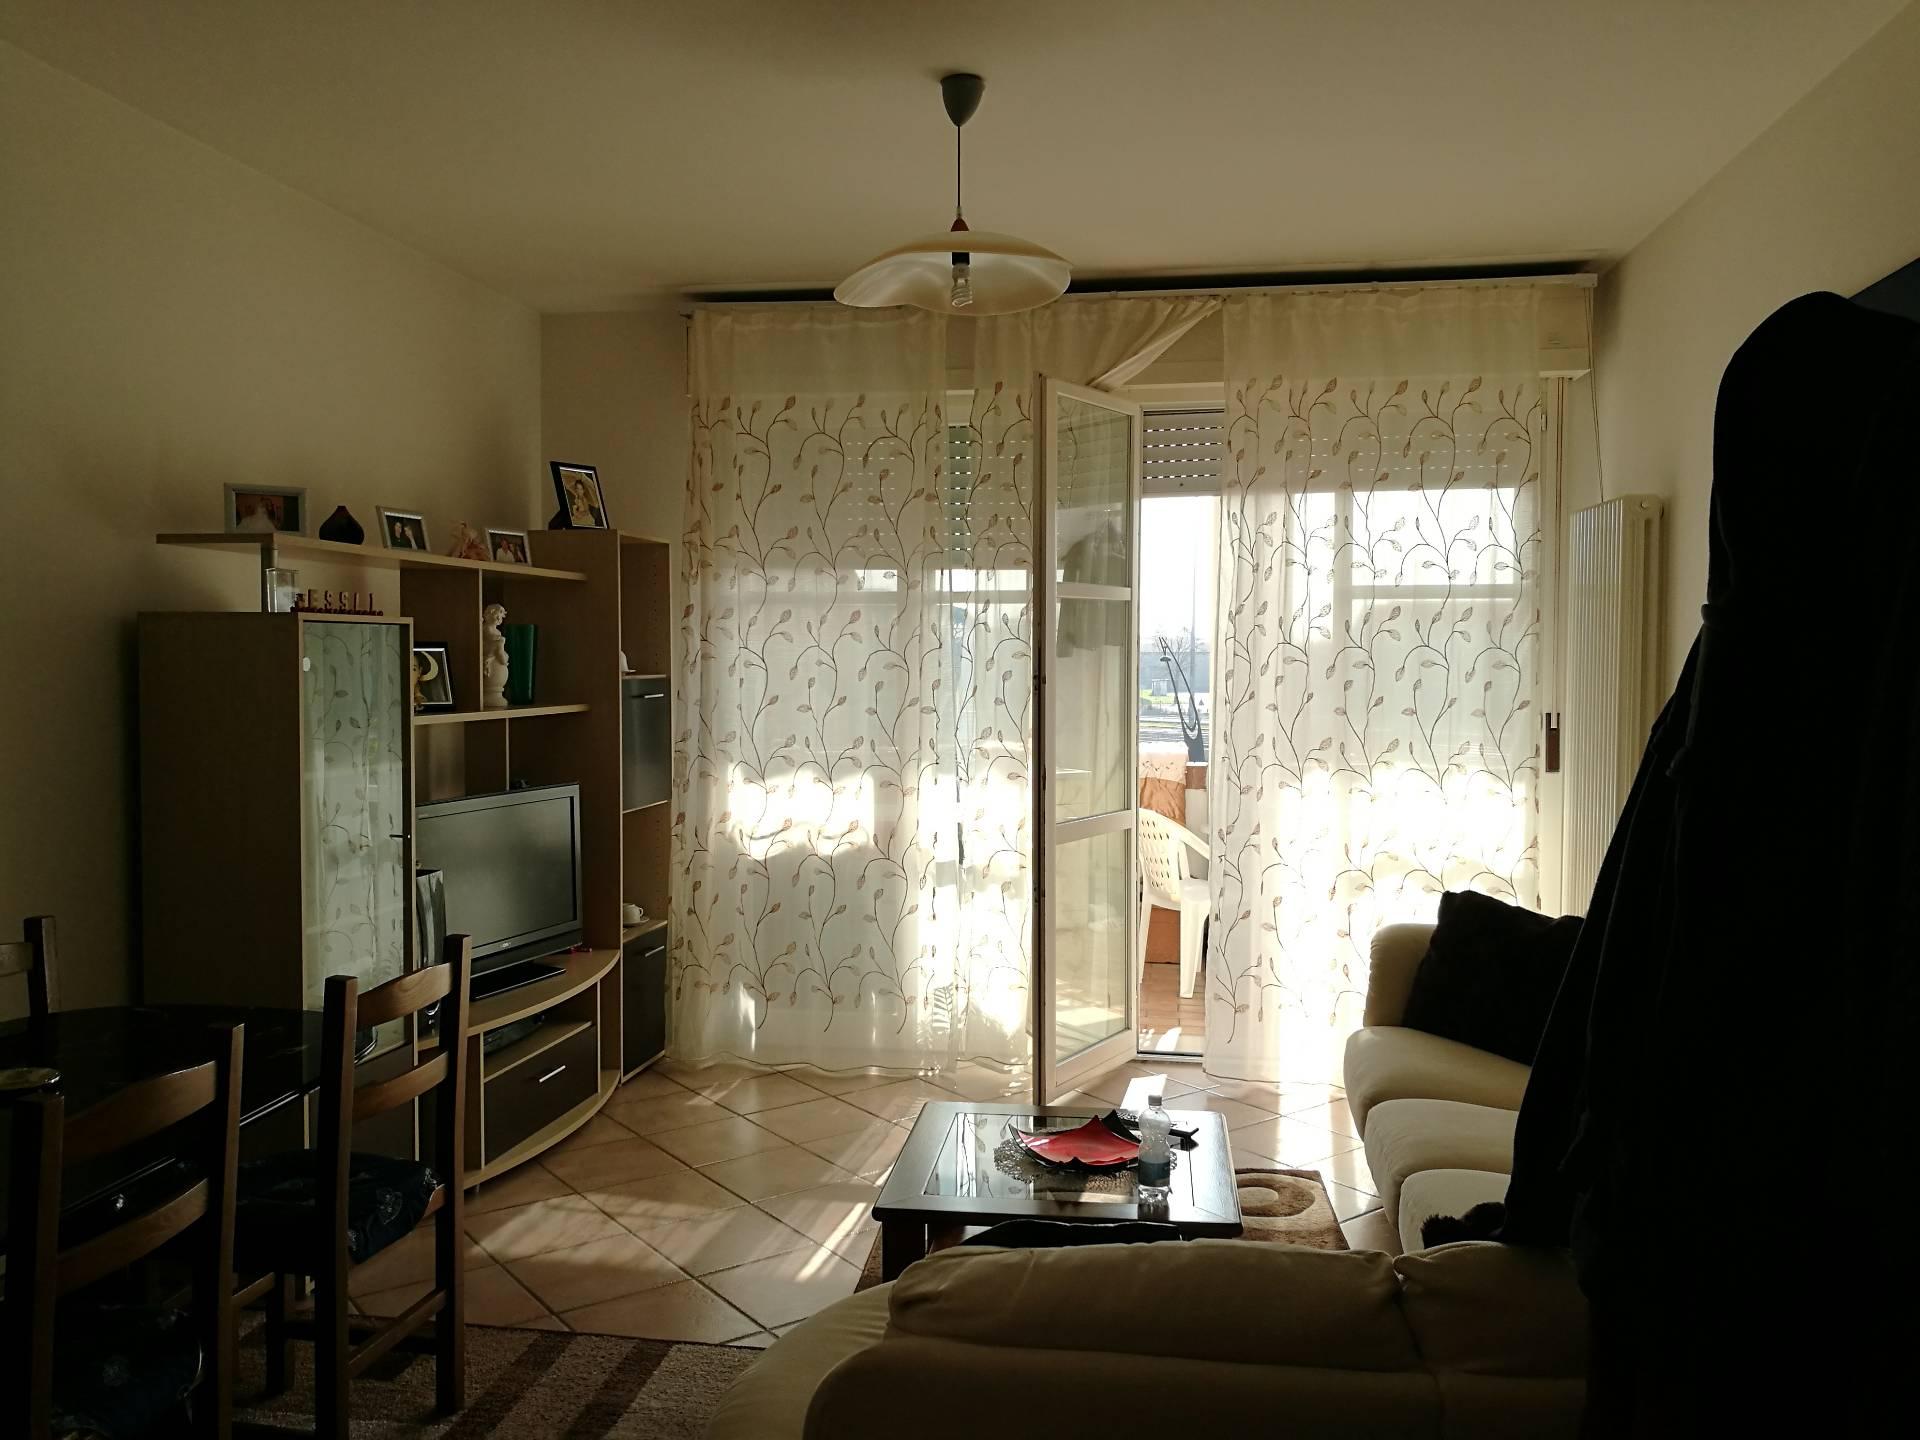 Appartamento in affitto a Lugo, 4 locali, zona Località: Stazione, prezzo € 500 | Cambio Casa.it